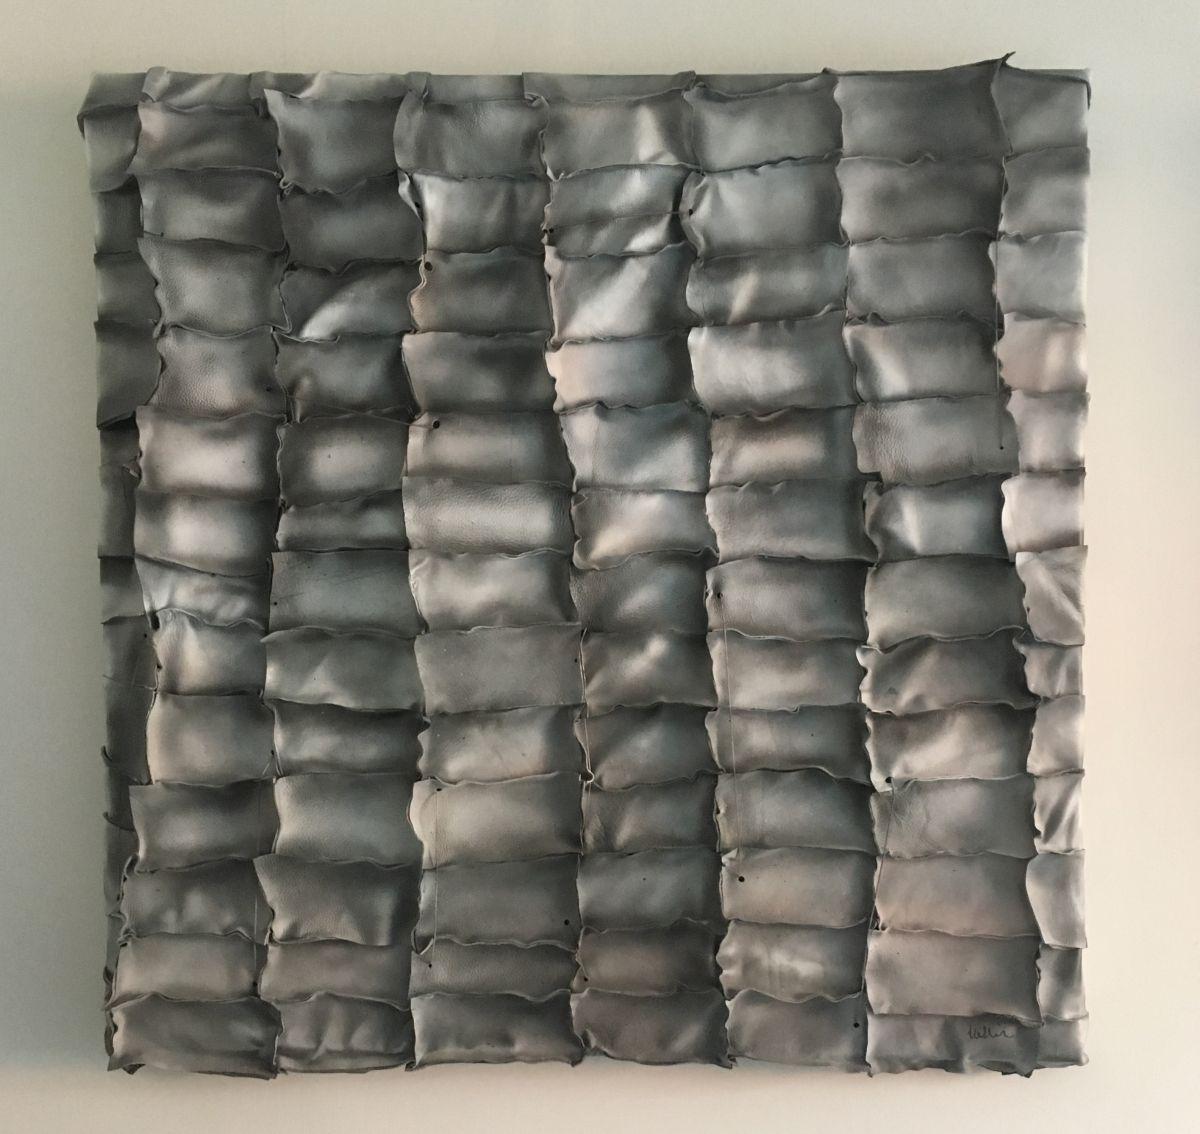 Kunst: metamorphosis van kunstenaar Ketlin van Esschoten